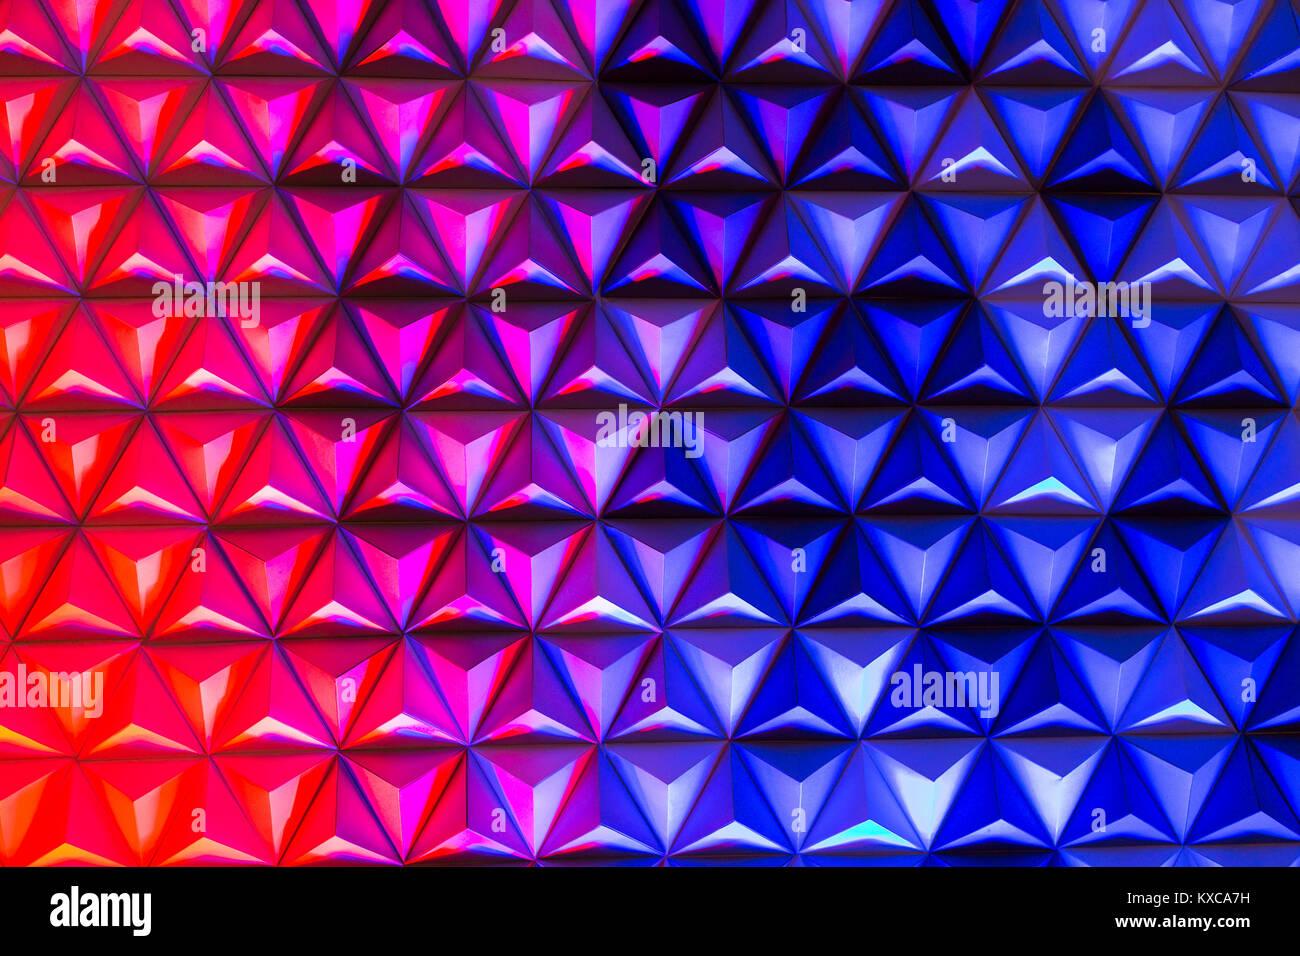 hintergrund, architektur, dekoration konzept. blaue und rote farben